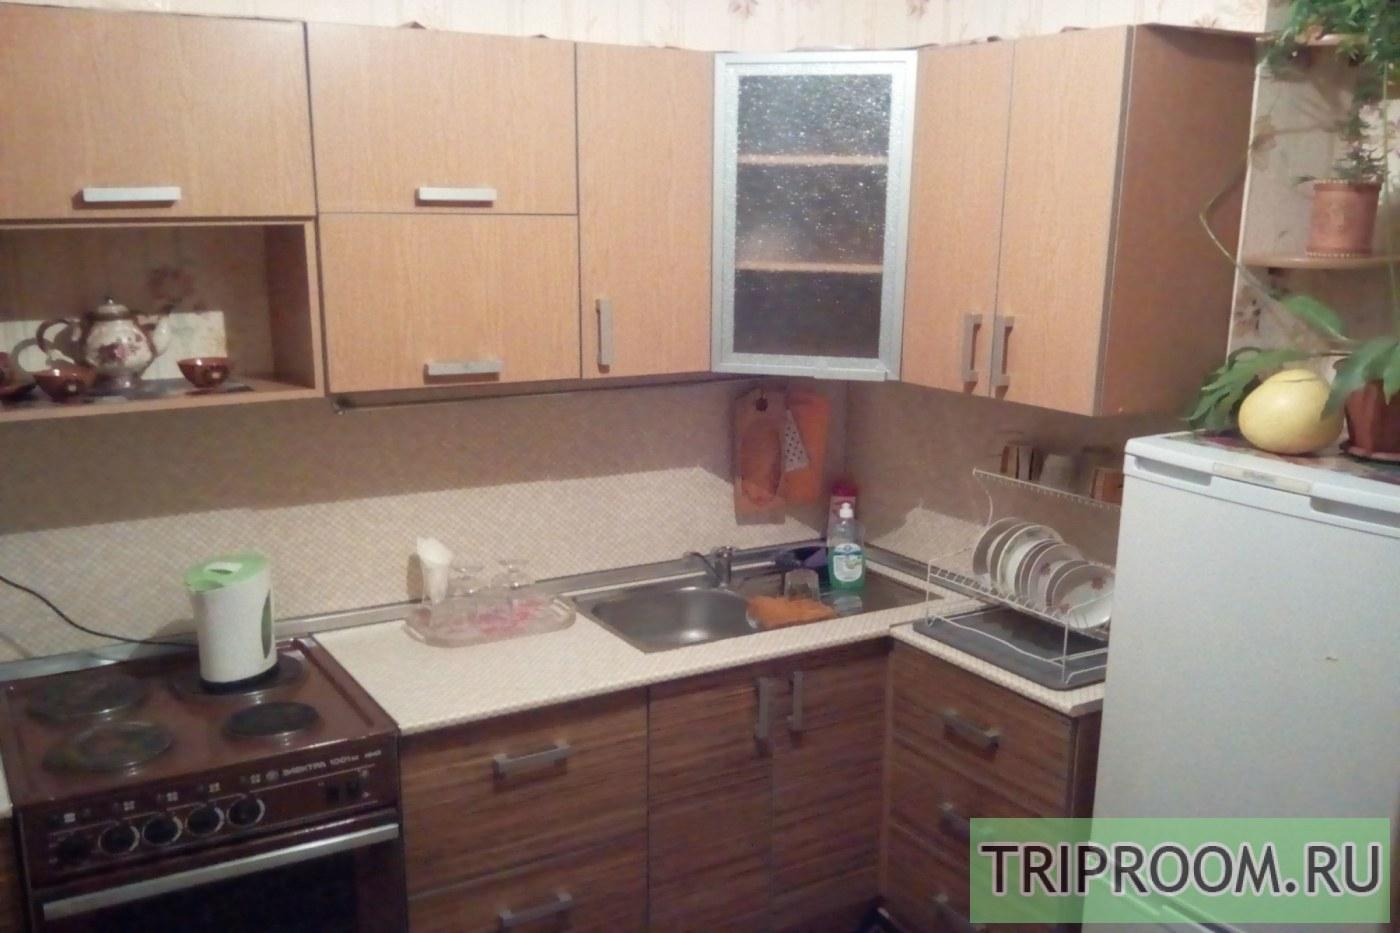 1-комнатная квартира посуточно (вариант № 39358), ул. Иркутский тракт, фото № 9